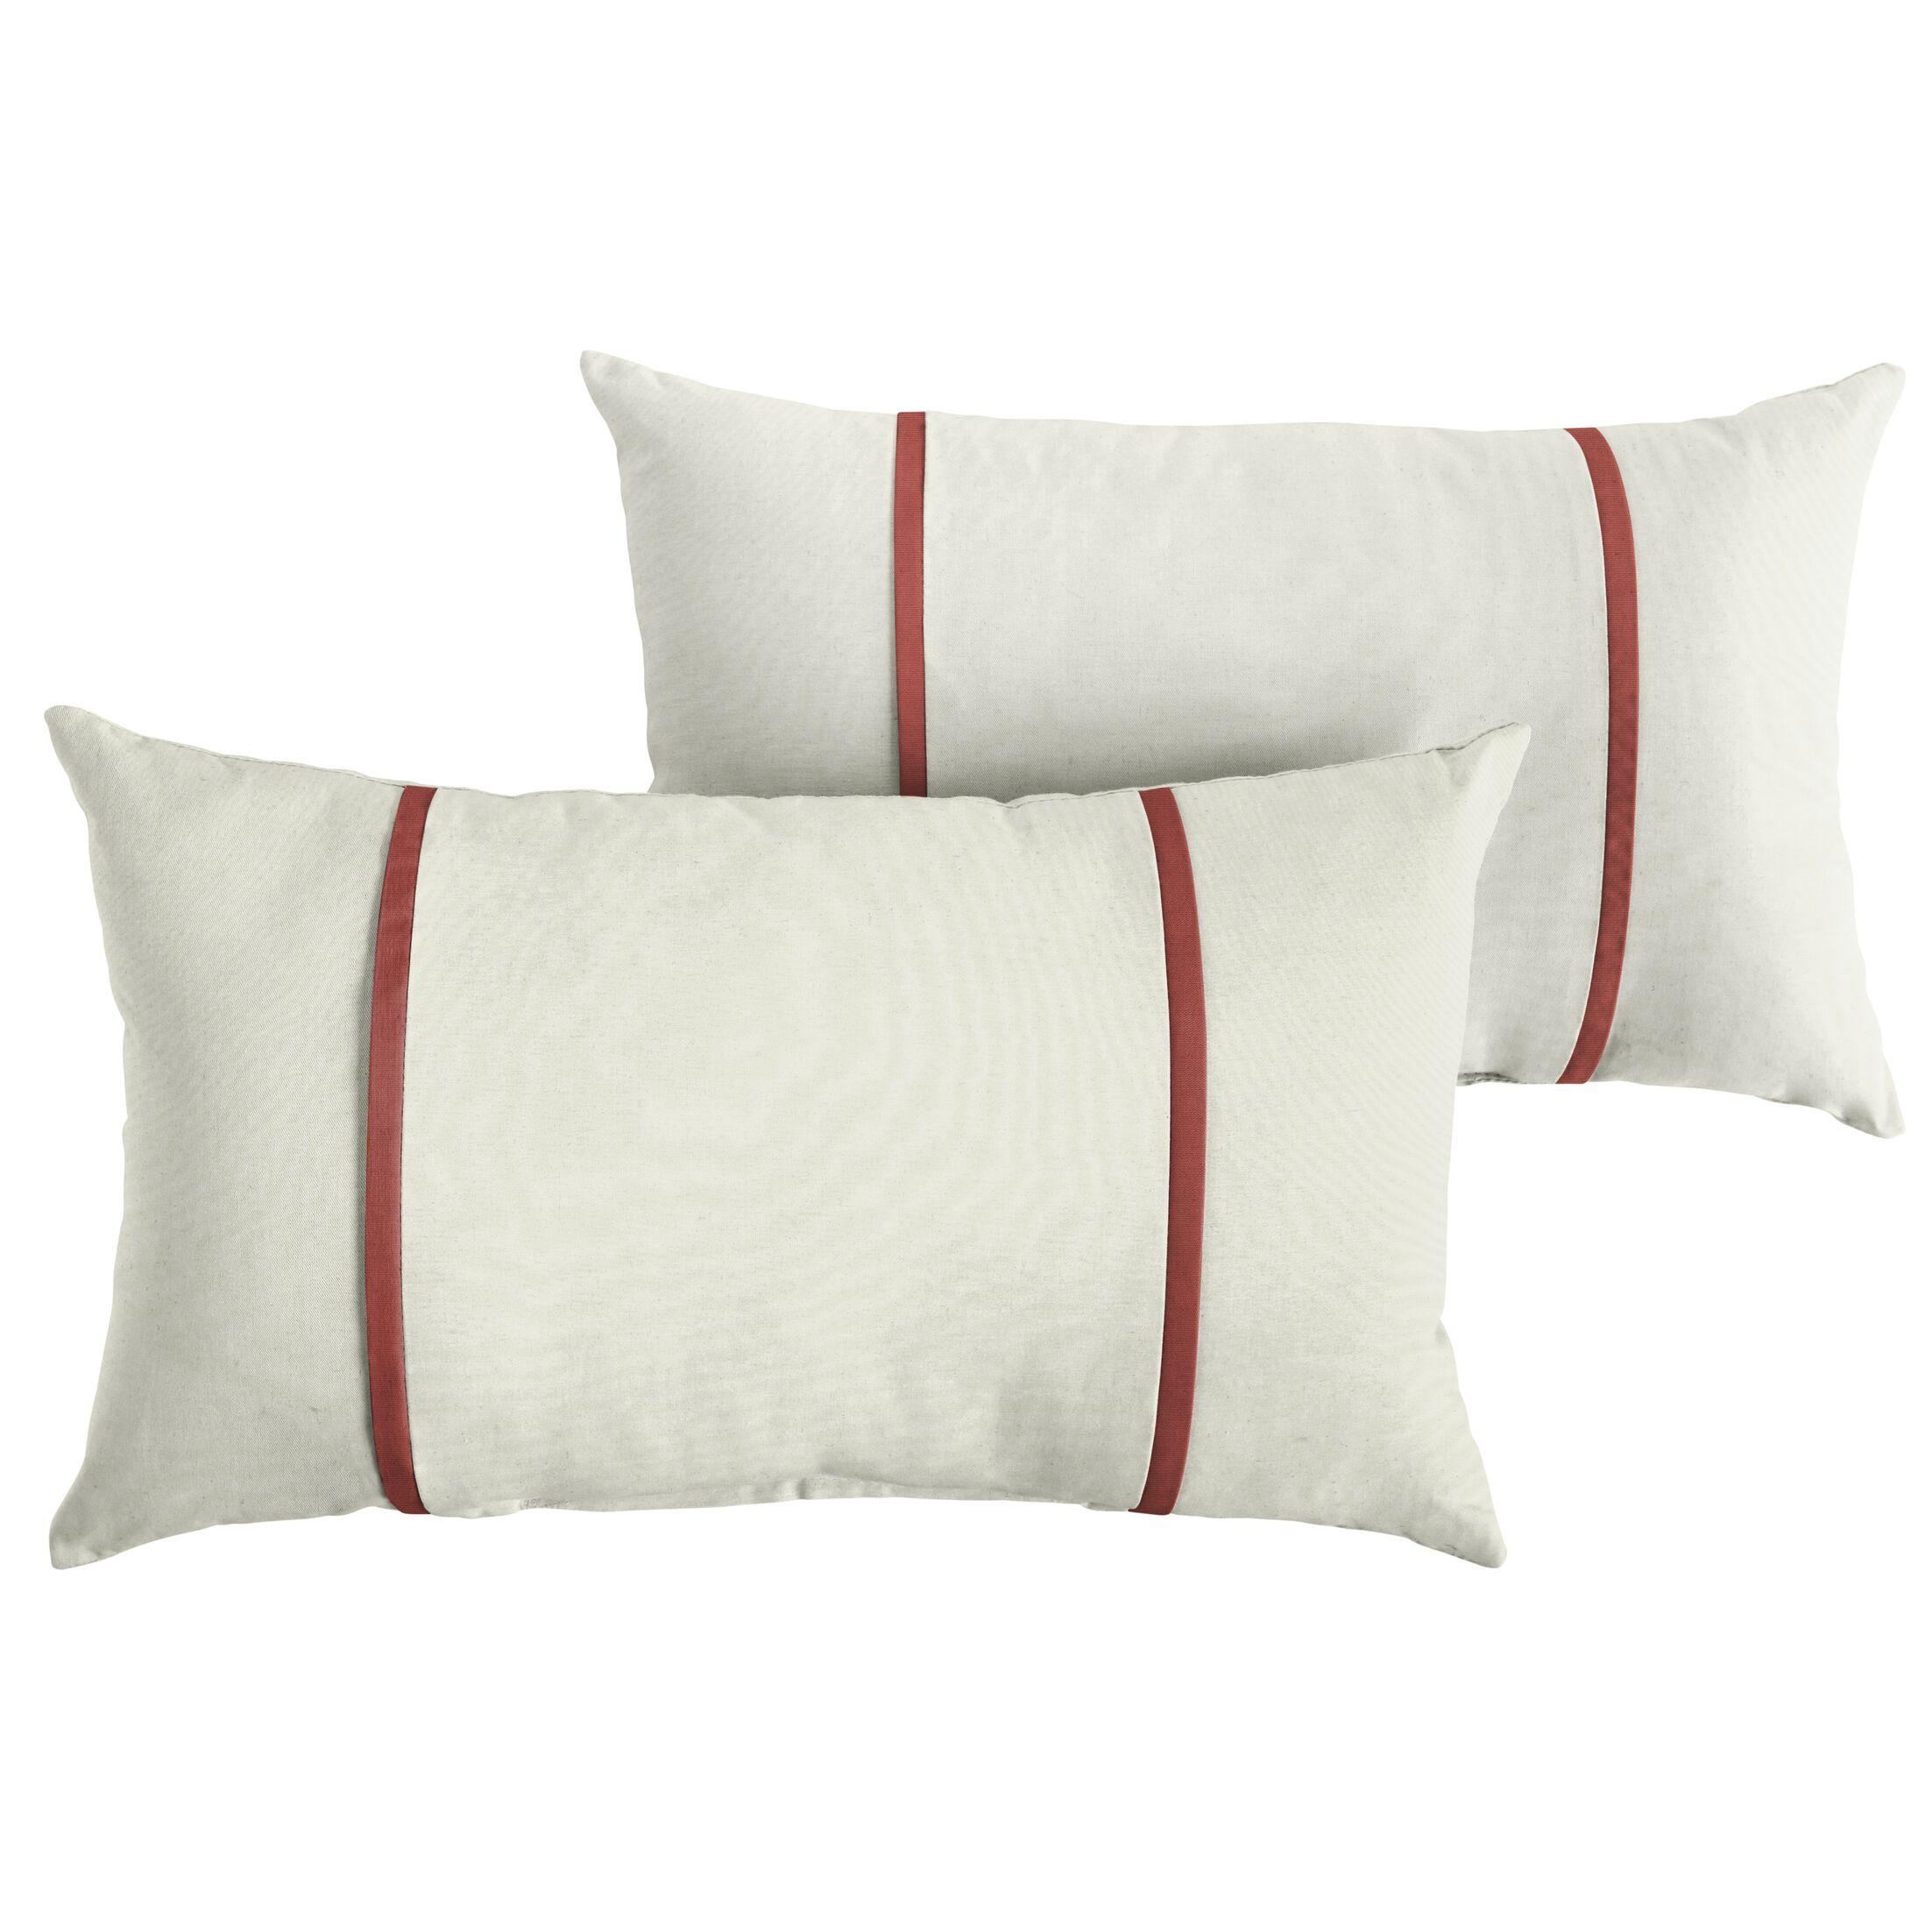 Churchton Indoor/Outdoor Sunbrella Lumbar Pillow Color: White/Henna